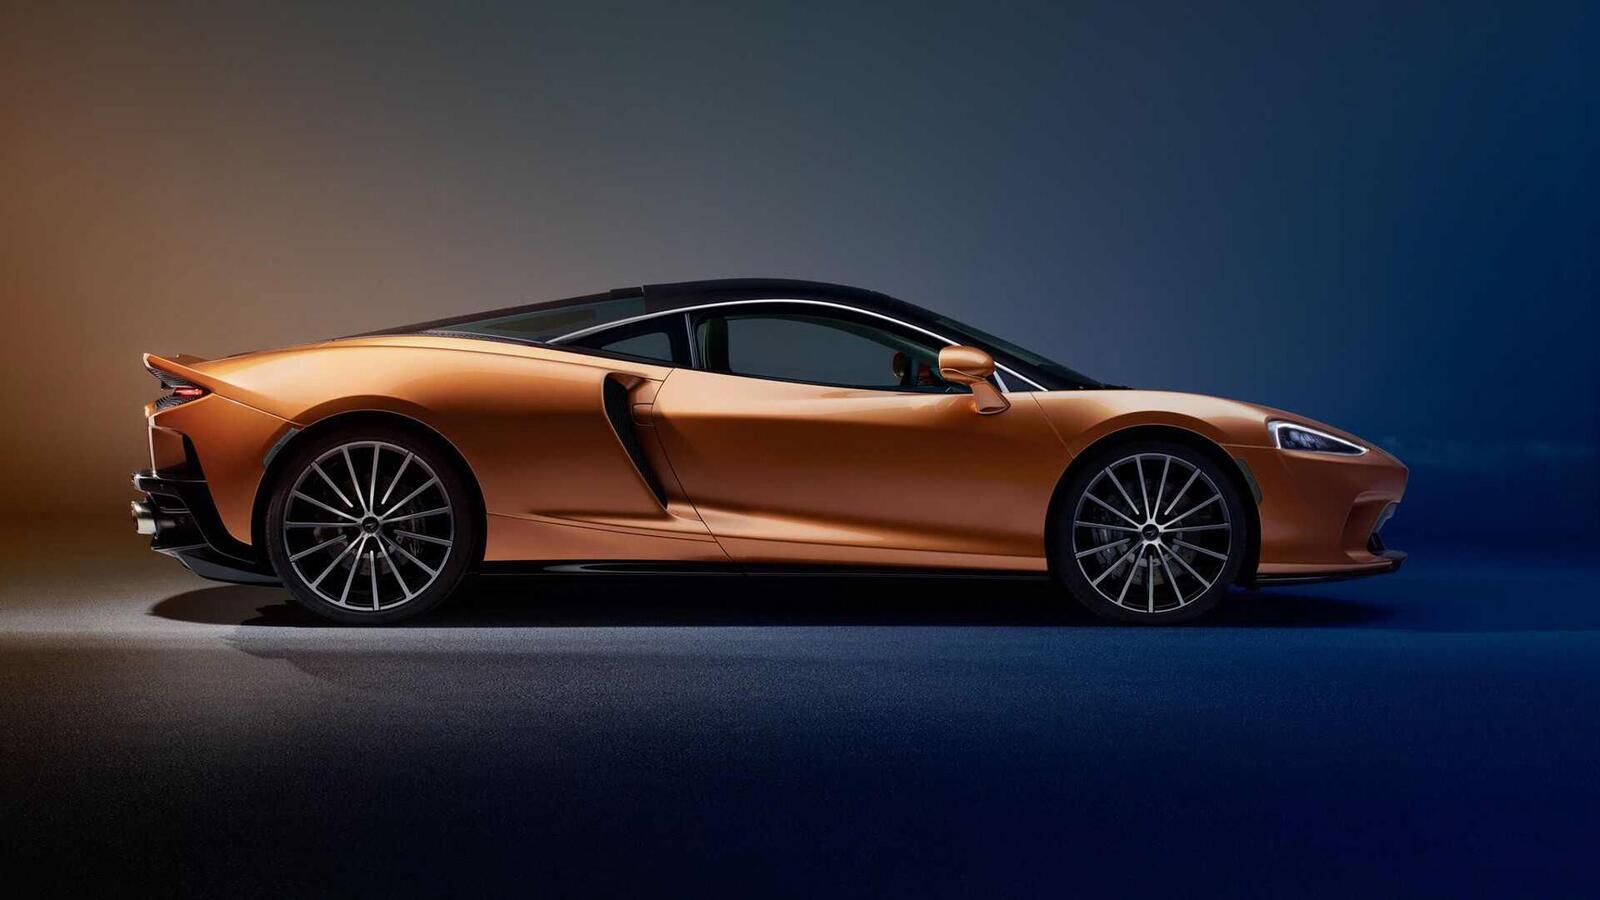 McLaren giới thiệu siêu xe GT 2020 hoàn toàn mới: Động cơ mạnh mẽ và cabin thoải mái - Hình 19